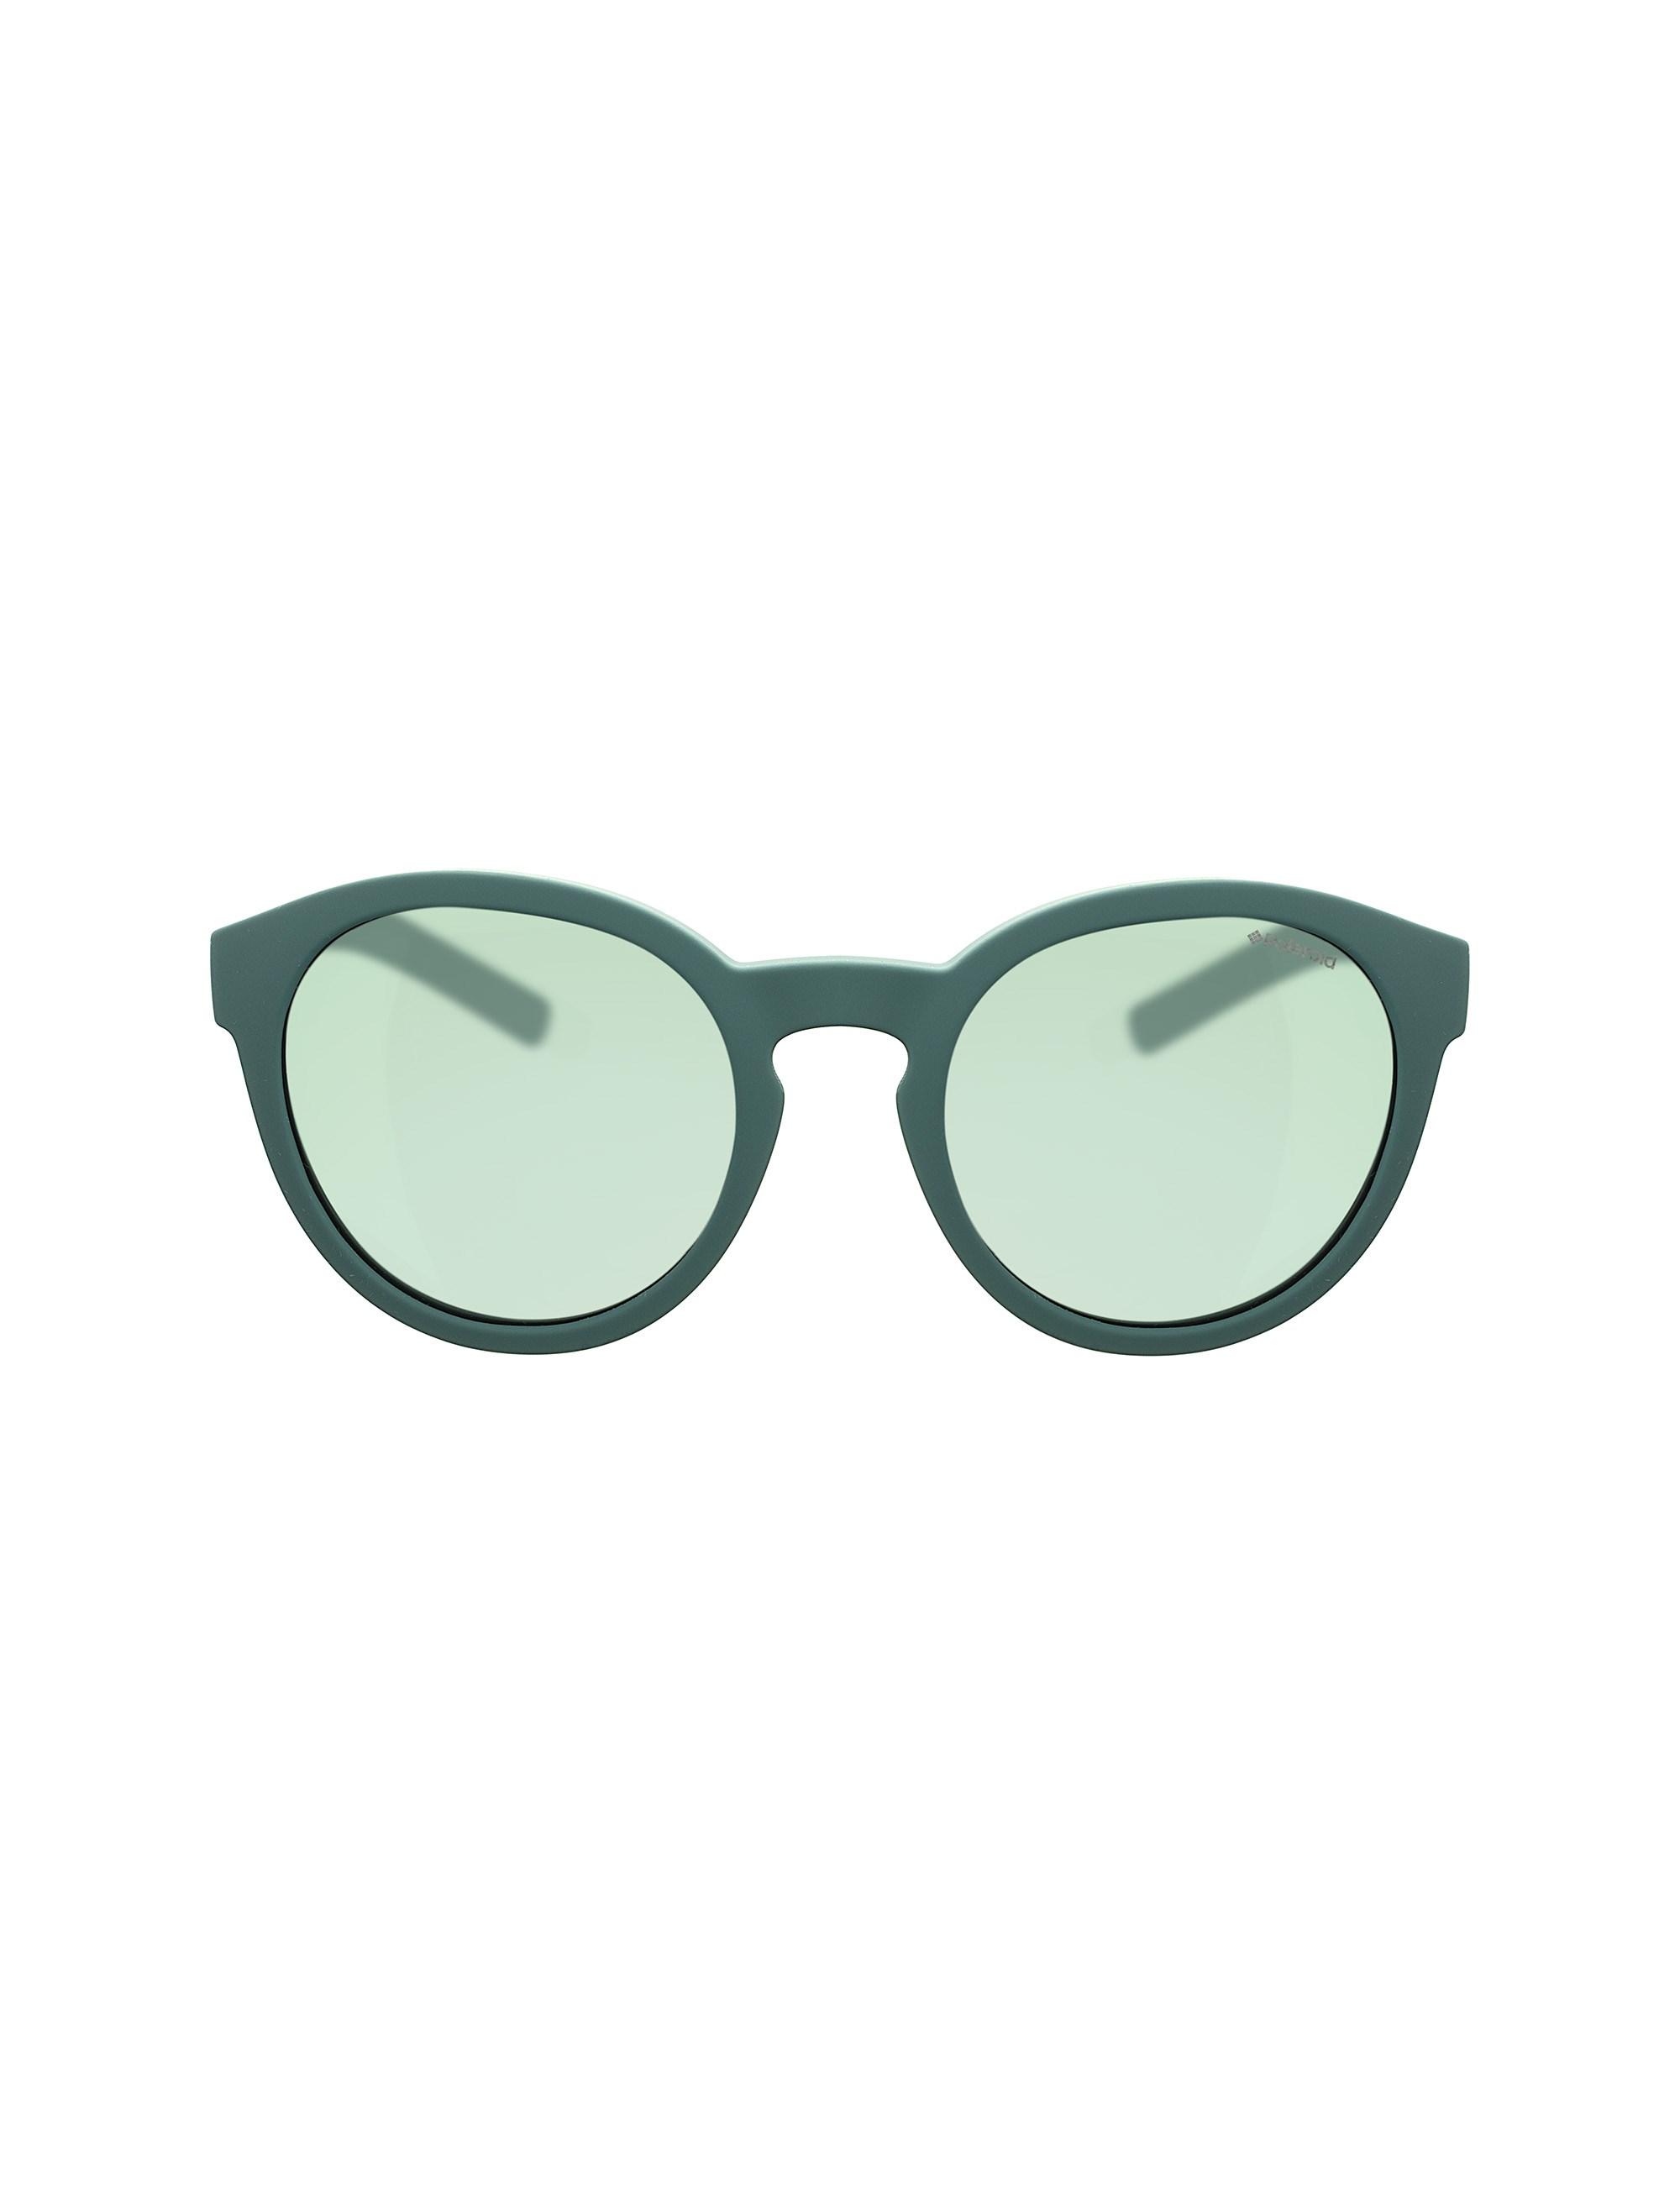 عینک آفتابی پنتوس بچگانه - پولاروید